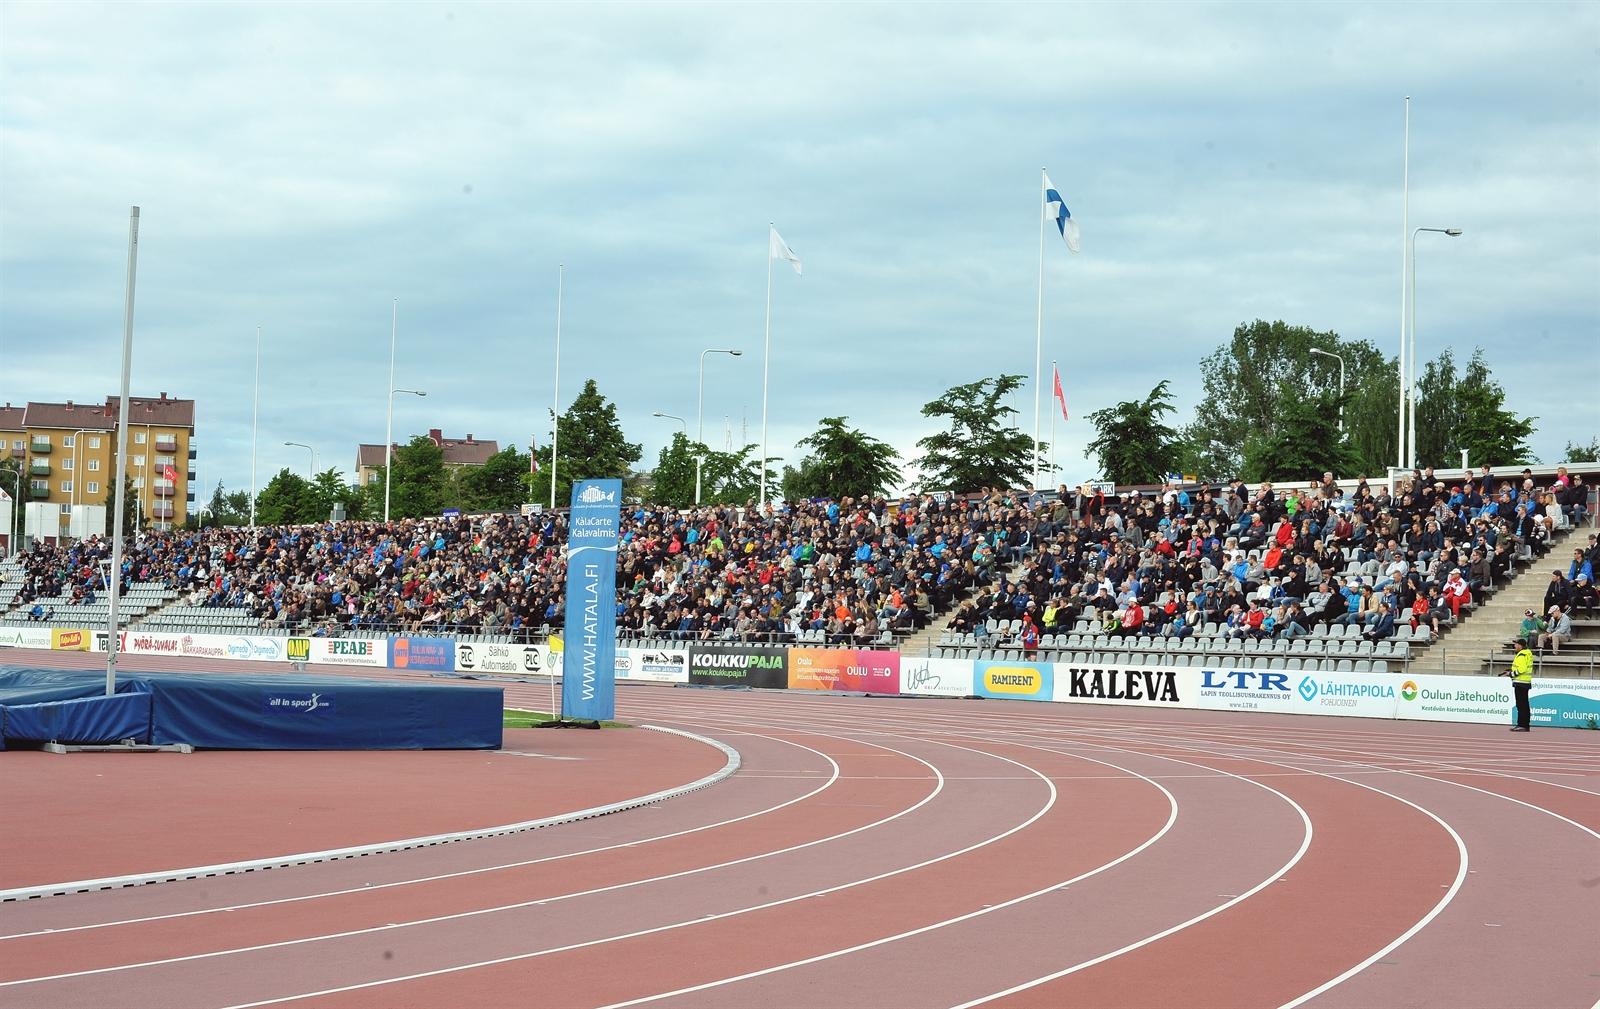 Oulun Derby otetaan uusiksi viikon päästä keskiviikkona. (Kuva: Kari Väre)